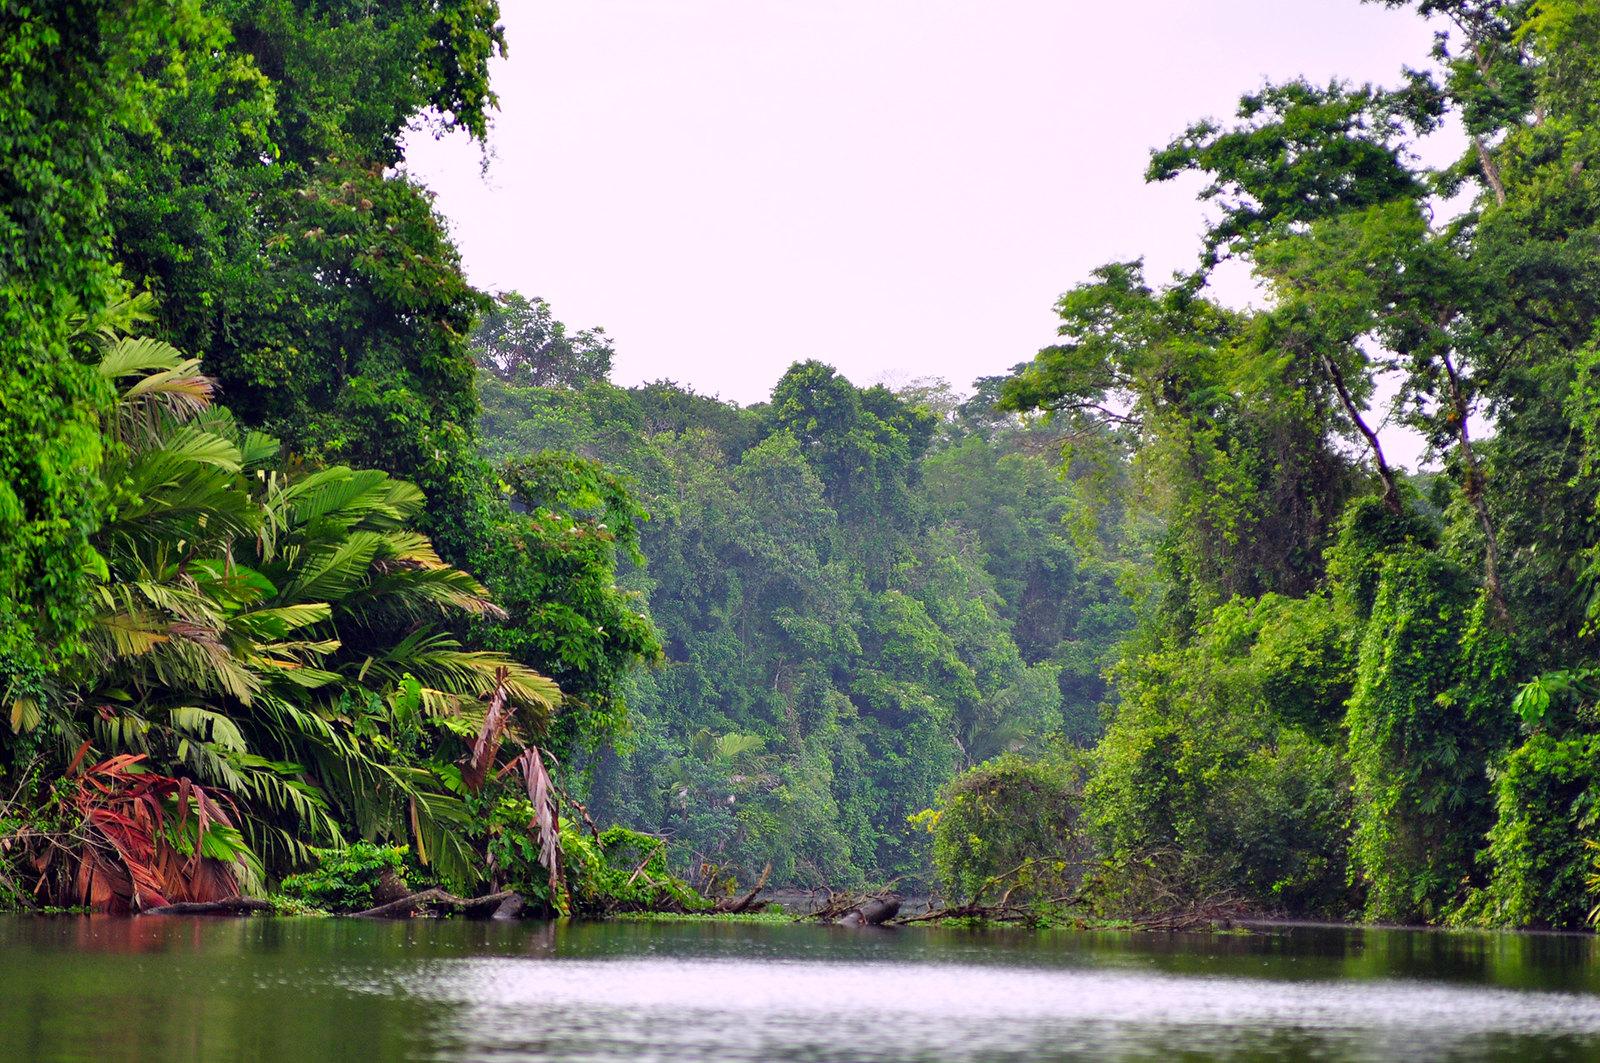 Viajar a Costa Rica / Ruta por Costa Rica en 3 semanas ruta por costa rica - 24377763358 444bb00106 h - Ruta por Costa Rica en 3 semanas